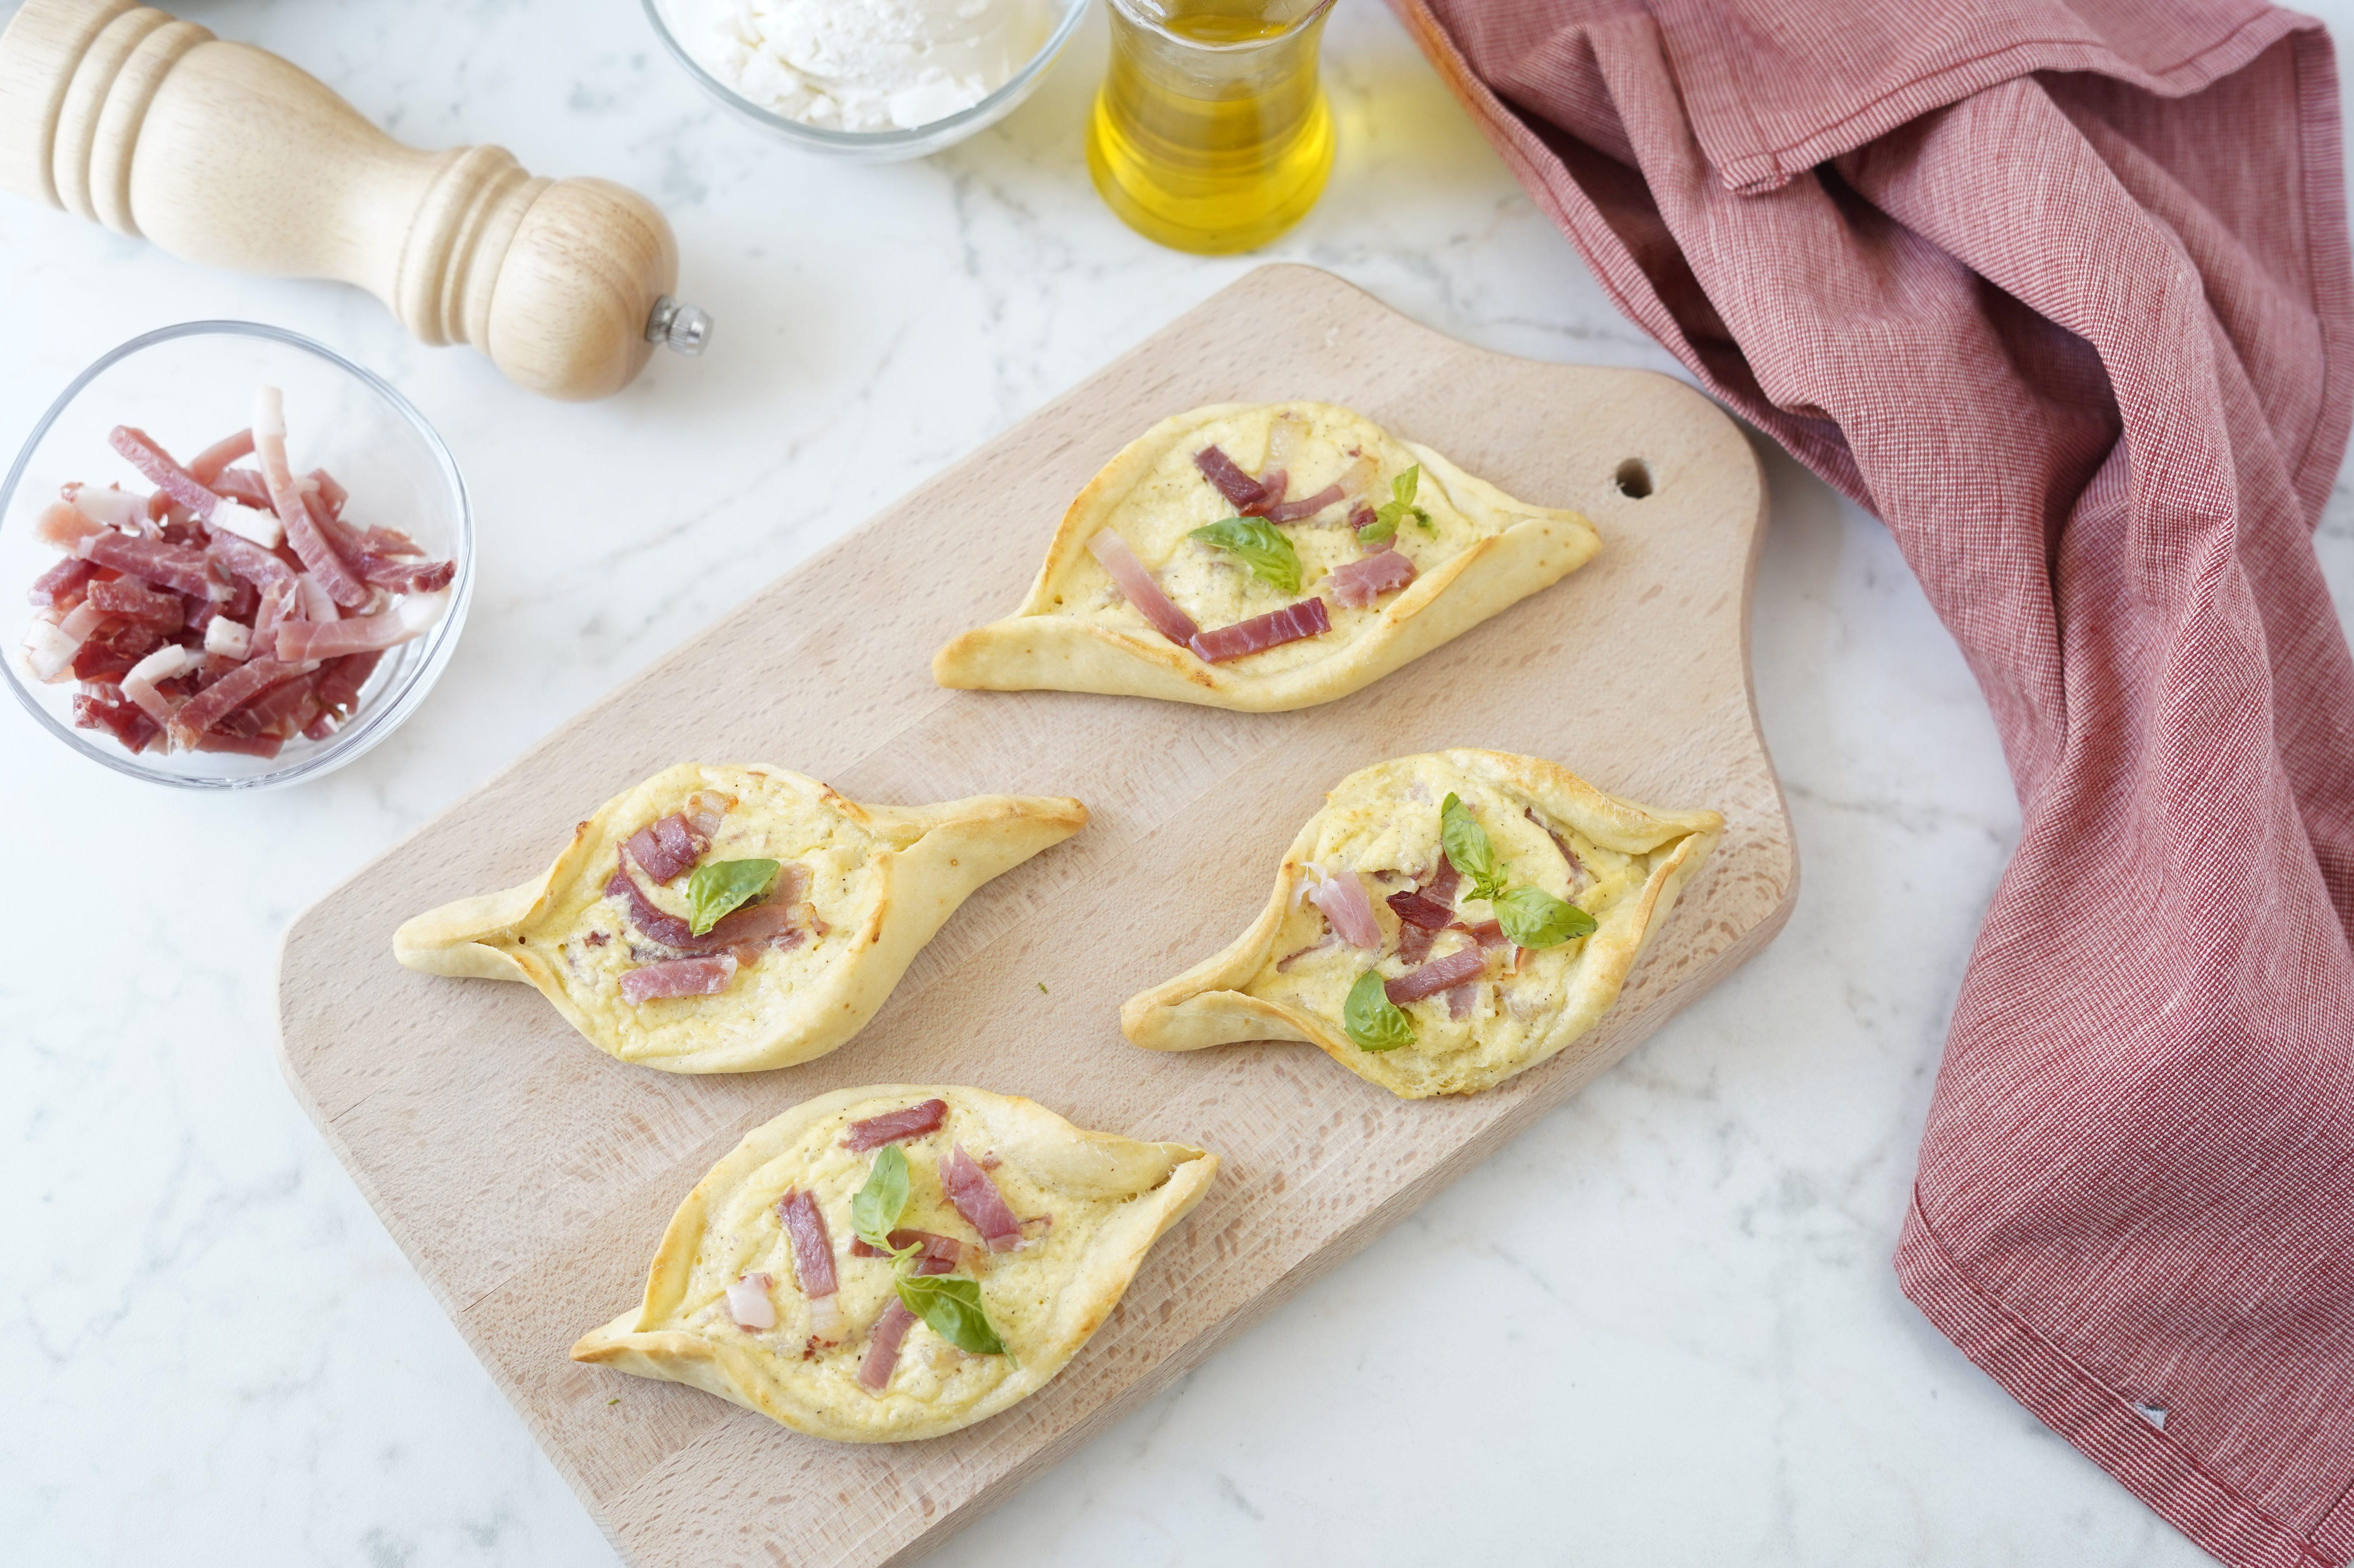 Barchette prosciutto e formaggio: la ricetta dell'antipasto semplice e sfizioso